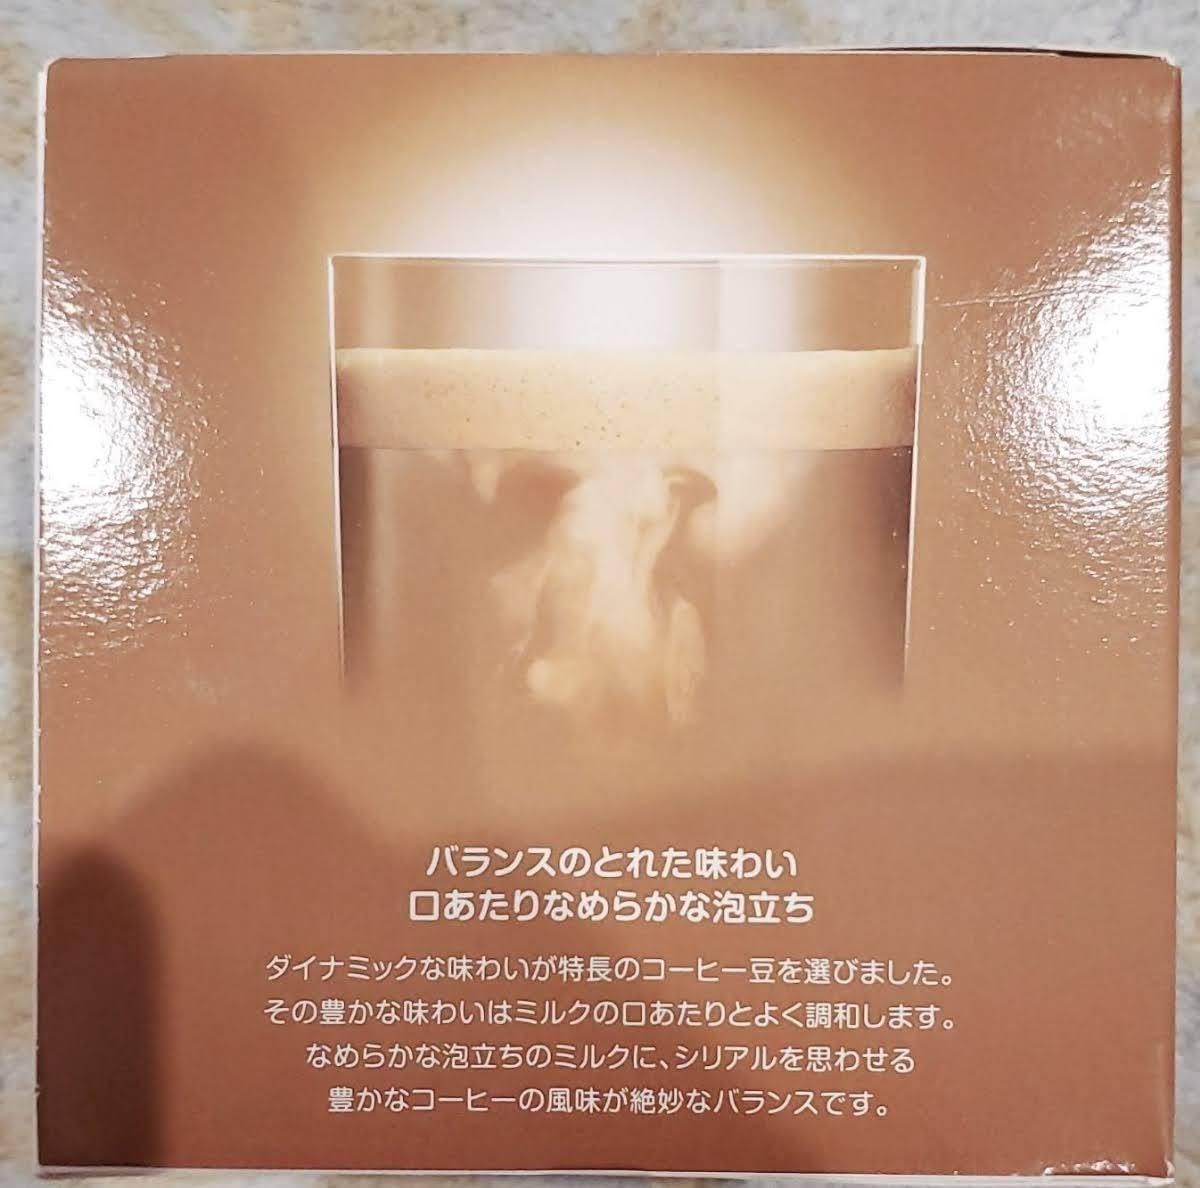 ★ドルチェグストカプセル★カフェオレ 32杯 ★送料無料 ネスカフェ コーヒー NDG ミルク 糖質制限の方にも 激安 セール